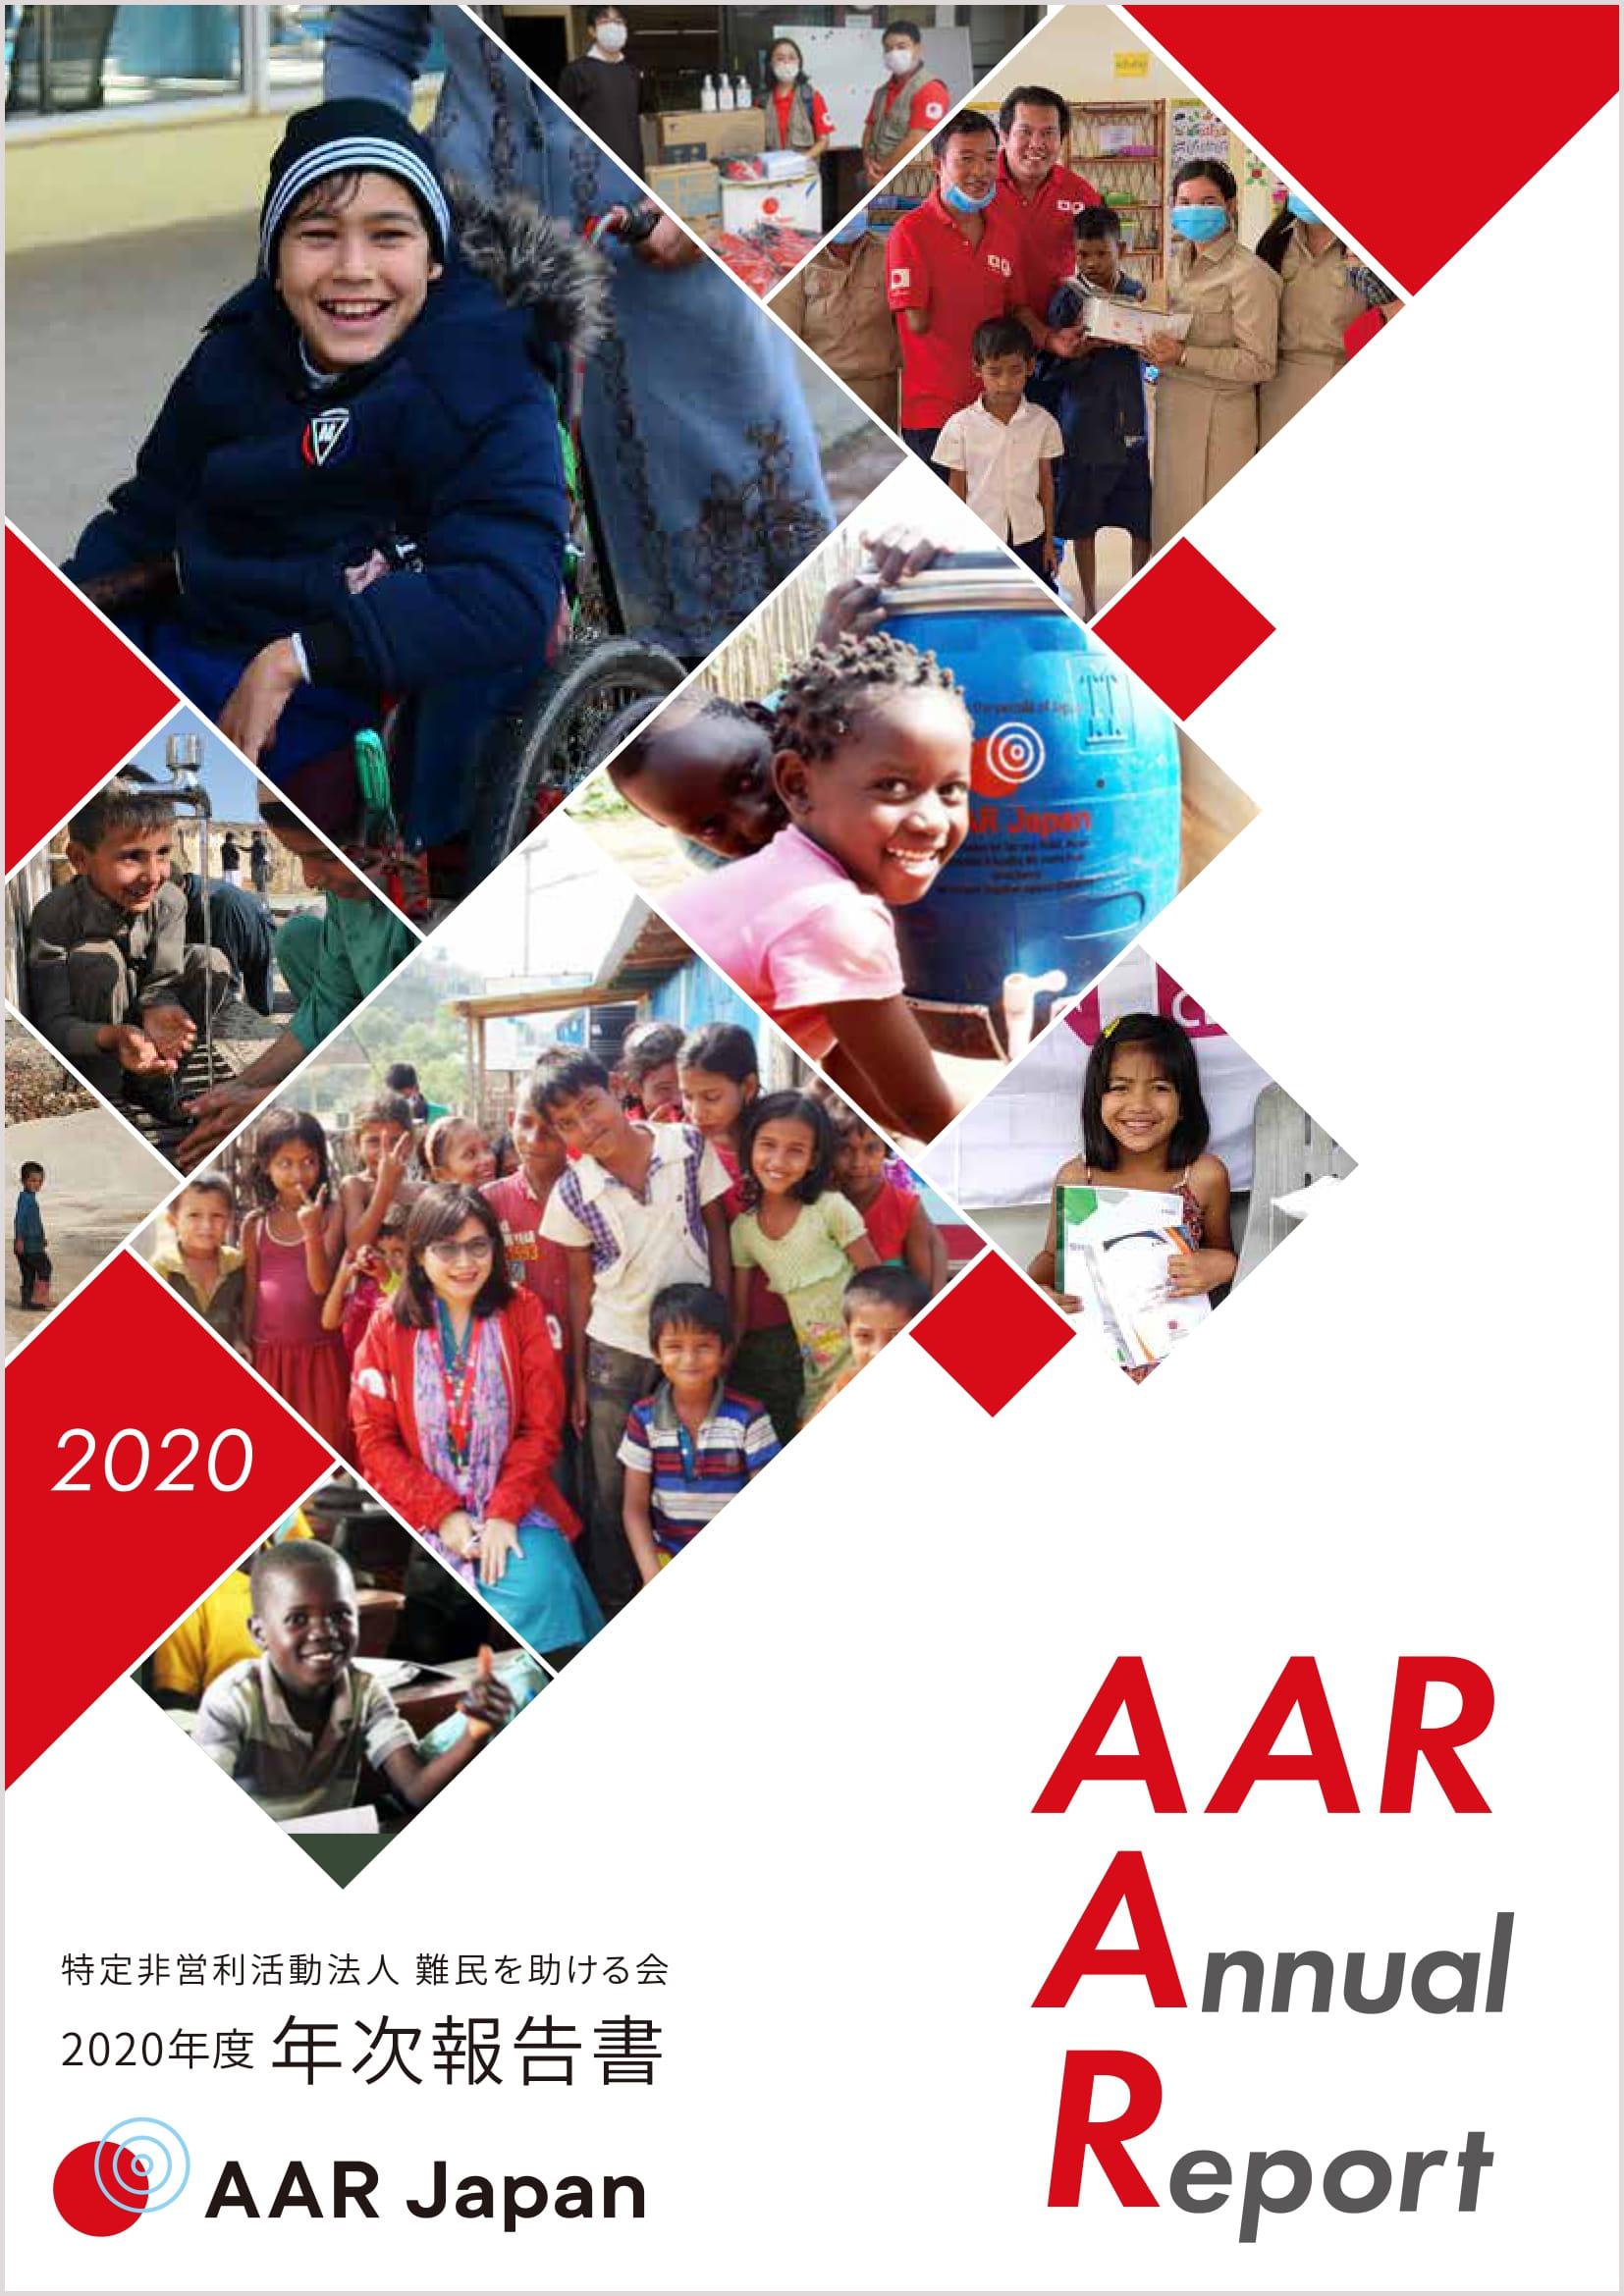 AARJapan年次報告書と書いてある表紙。アフリカやアジアの子どもたちの写真などがコラージュされている